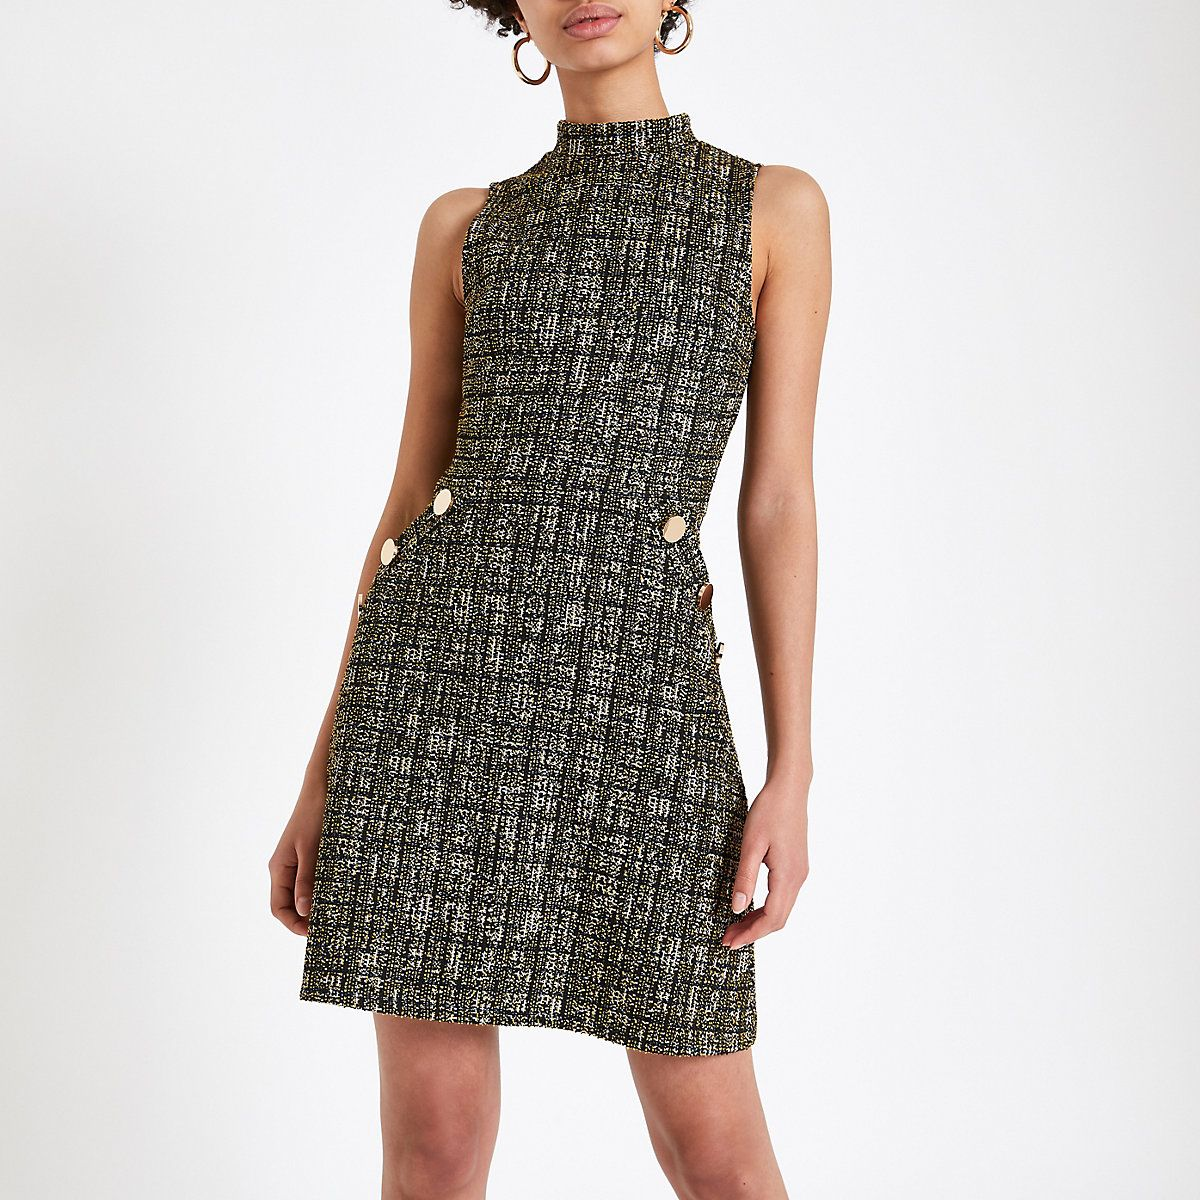 50815dfed55344 Gele bouclé hoogsluitende jurk - Swingjurken - Jurken - Dames